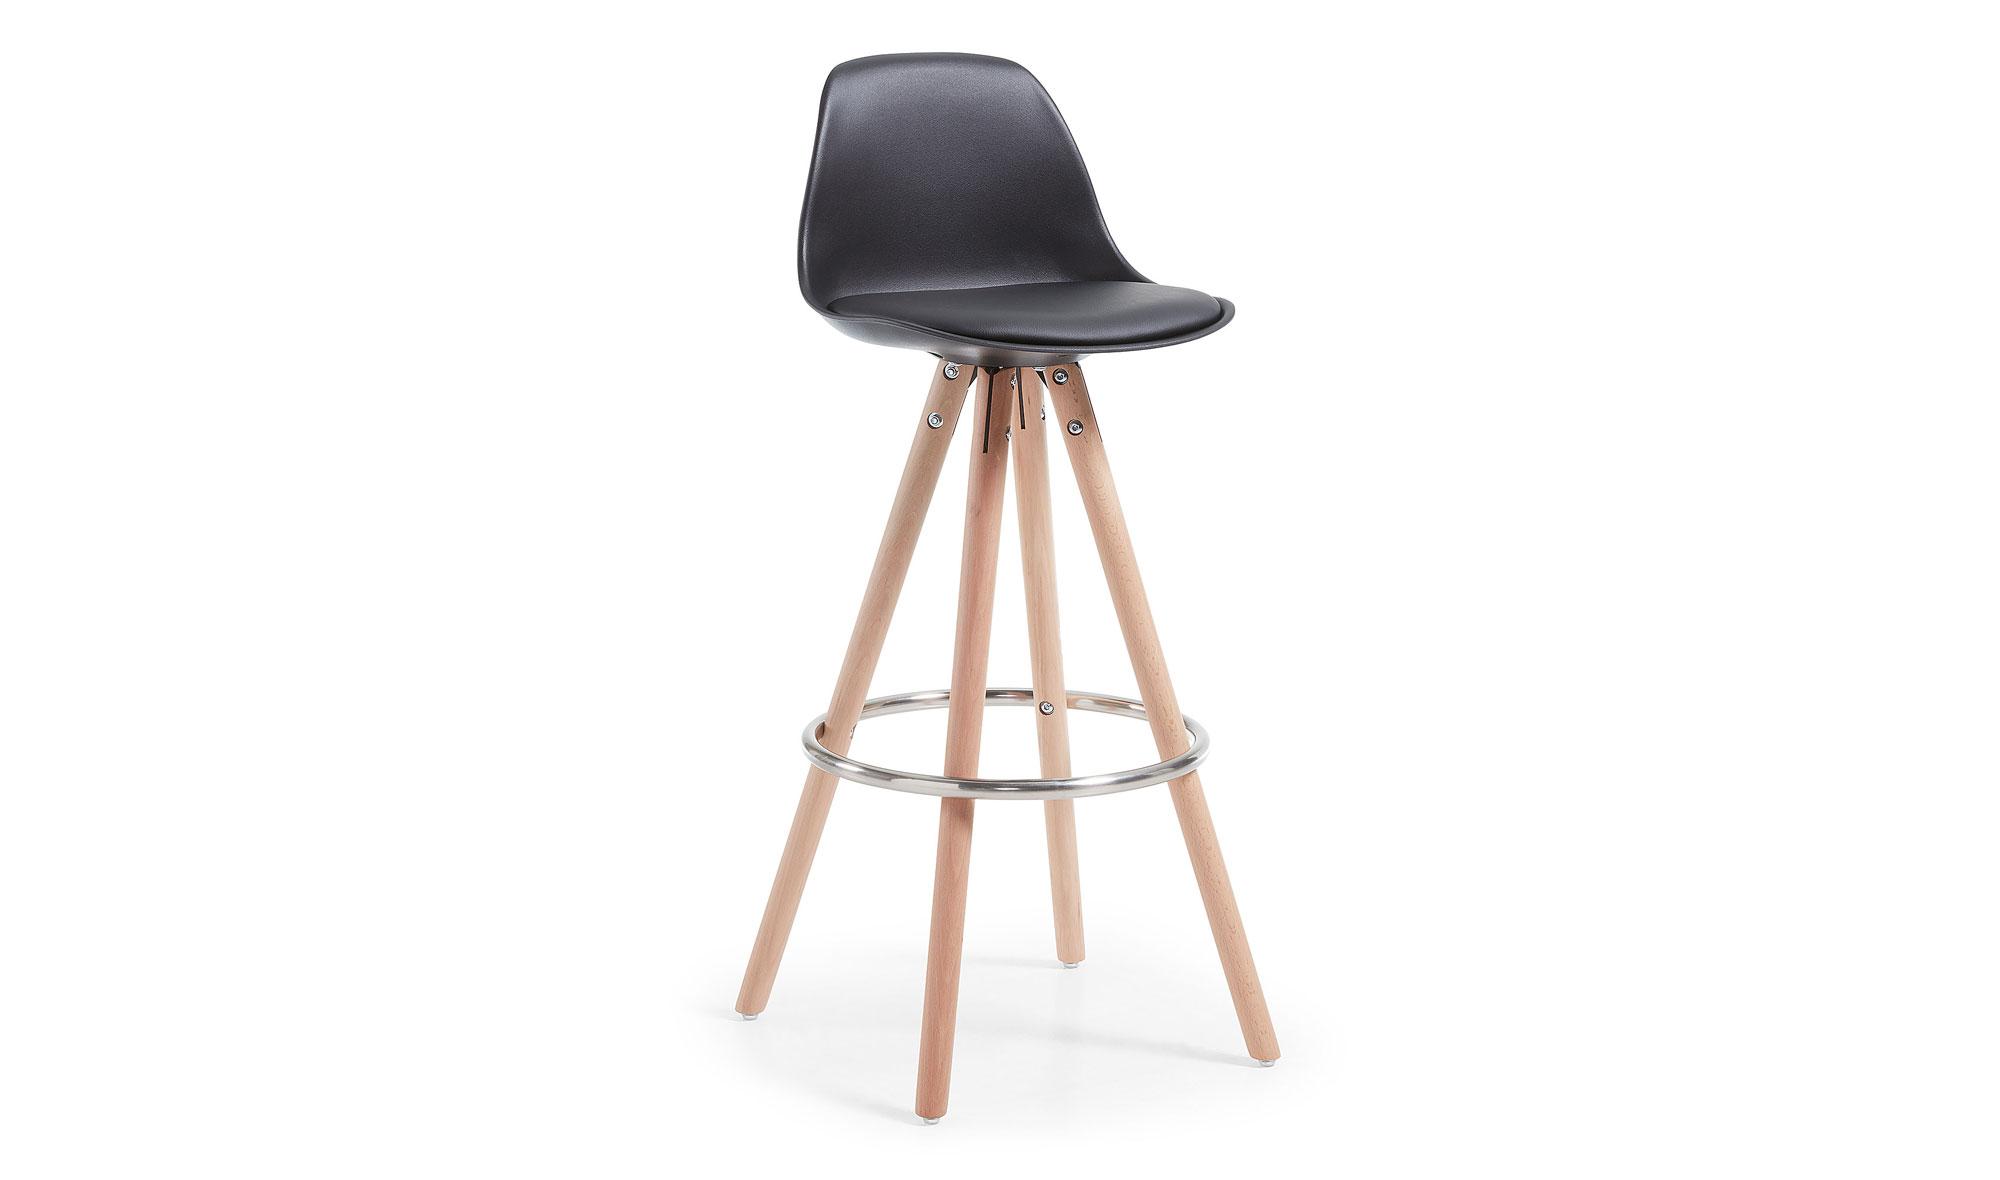 taburete madera natural moderno gast de lujo en tu tienda de muebles de lujo